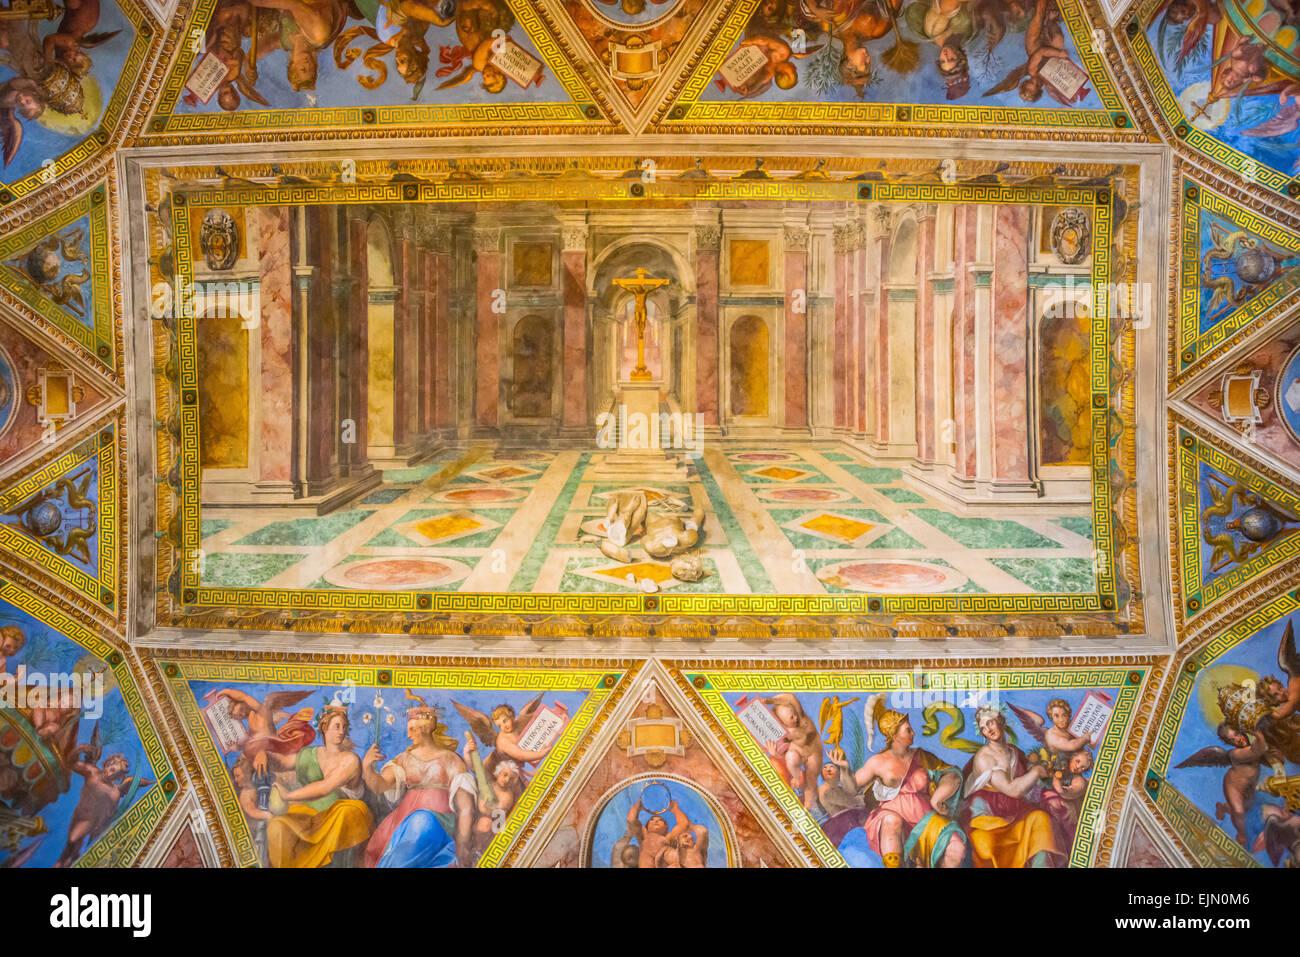 Il Trionfo del Cristianesimo sul paganesimo da Tommaso Laureti, soffitto affrescato, Sala di Costantino, Musei Vaticani, Immagini Stock